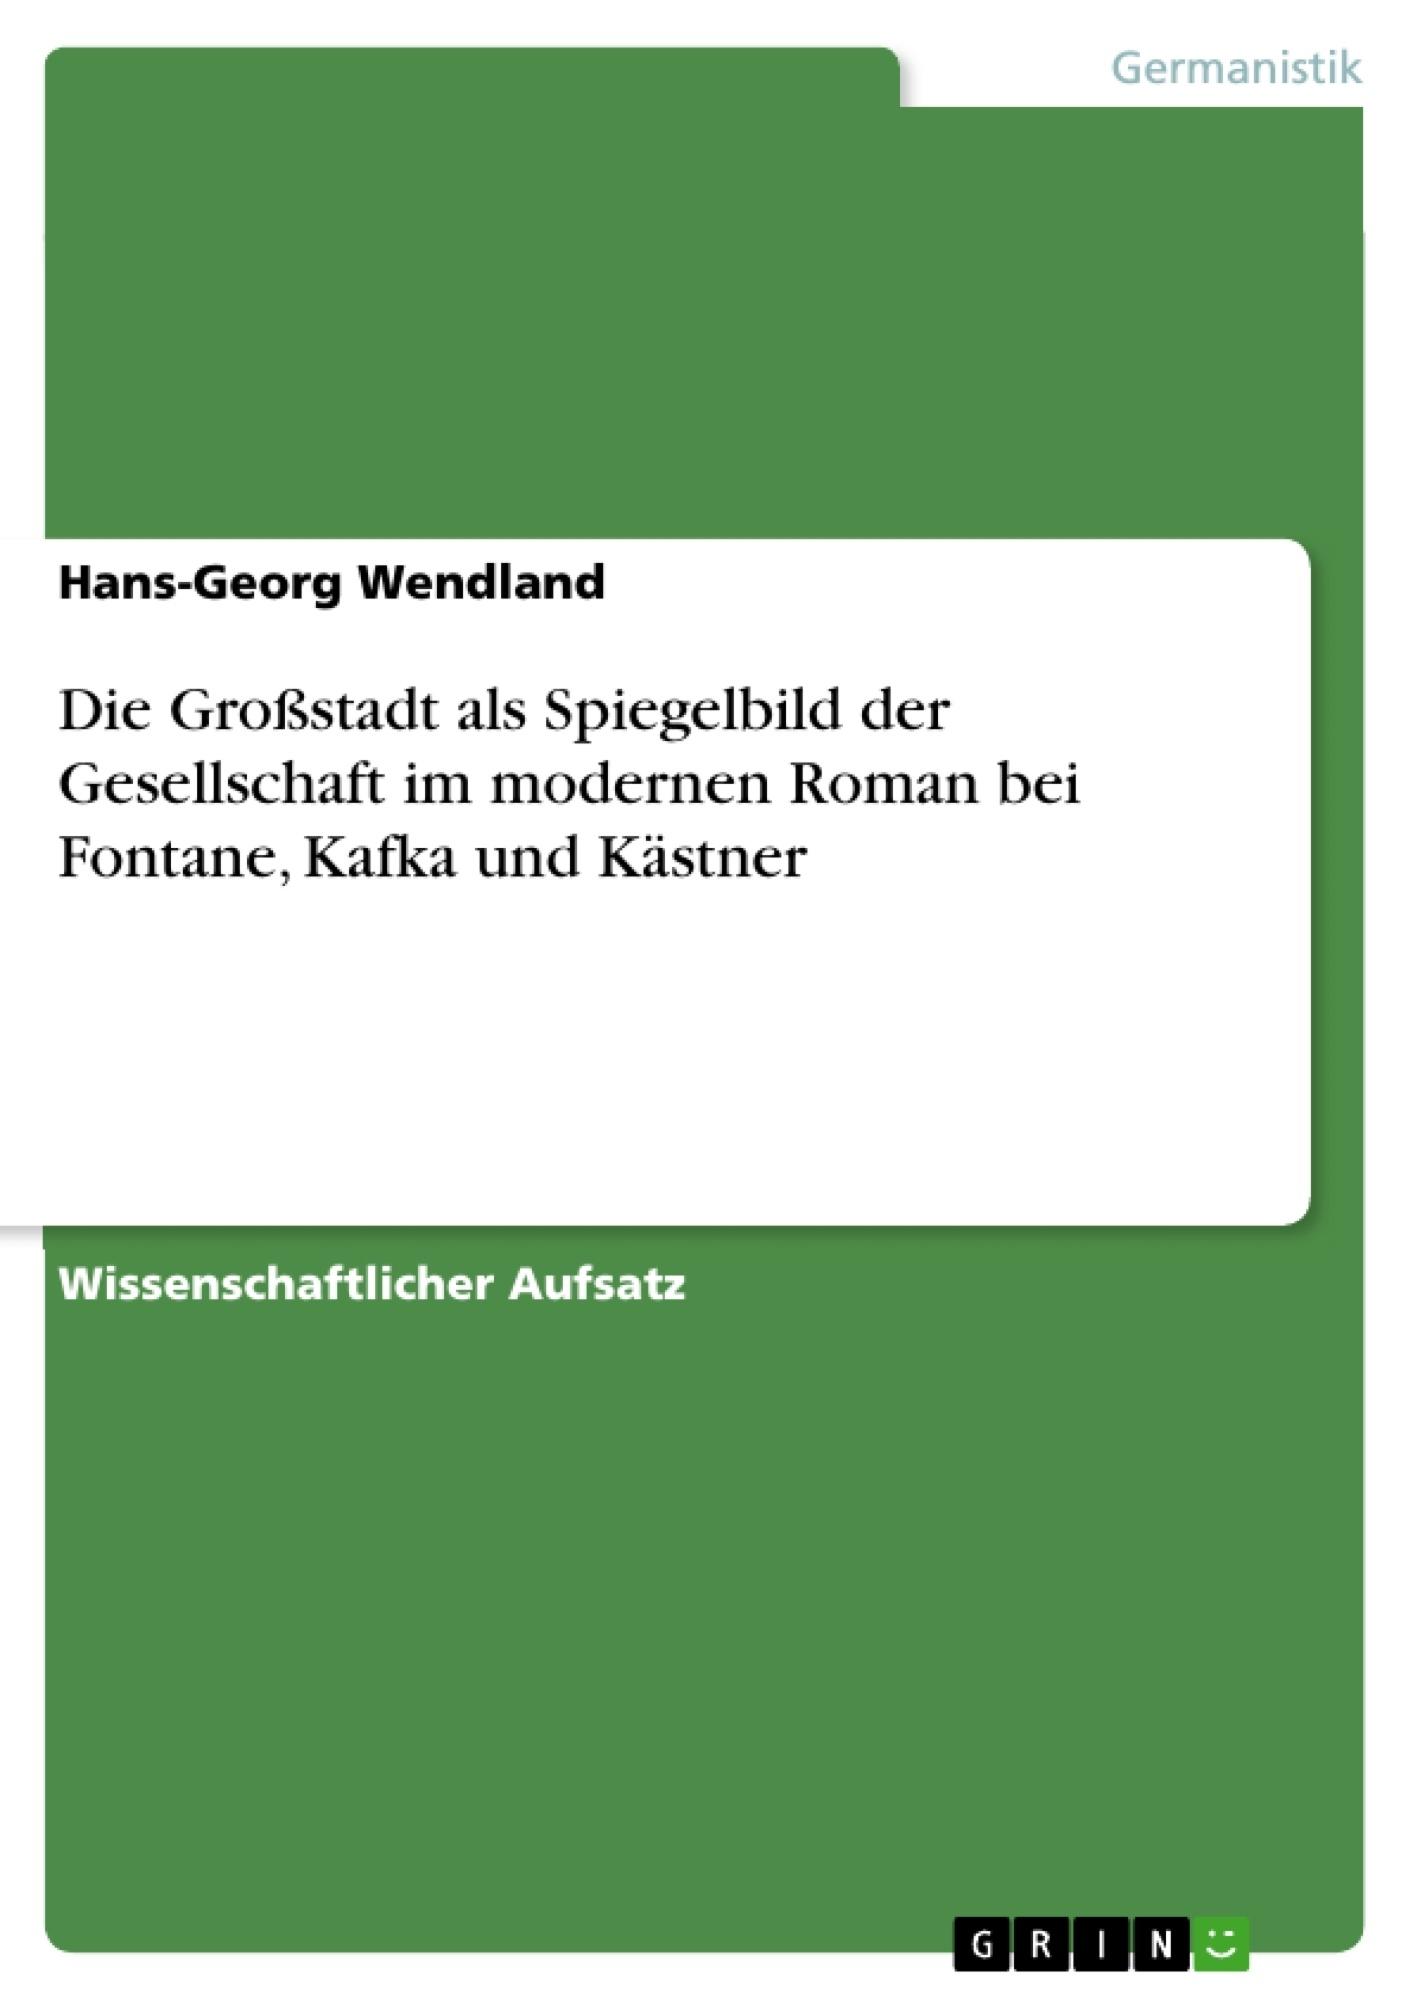 Titel: Die Großstadt als Spiegelbild der Gesellschaft im modernen Roman bei Fontane, Kafka und Kästner